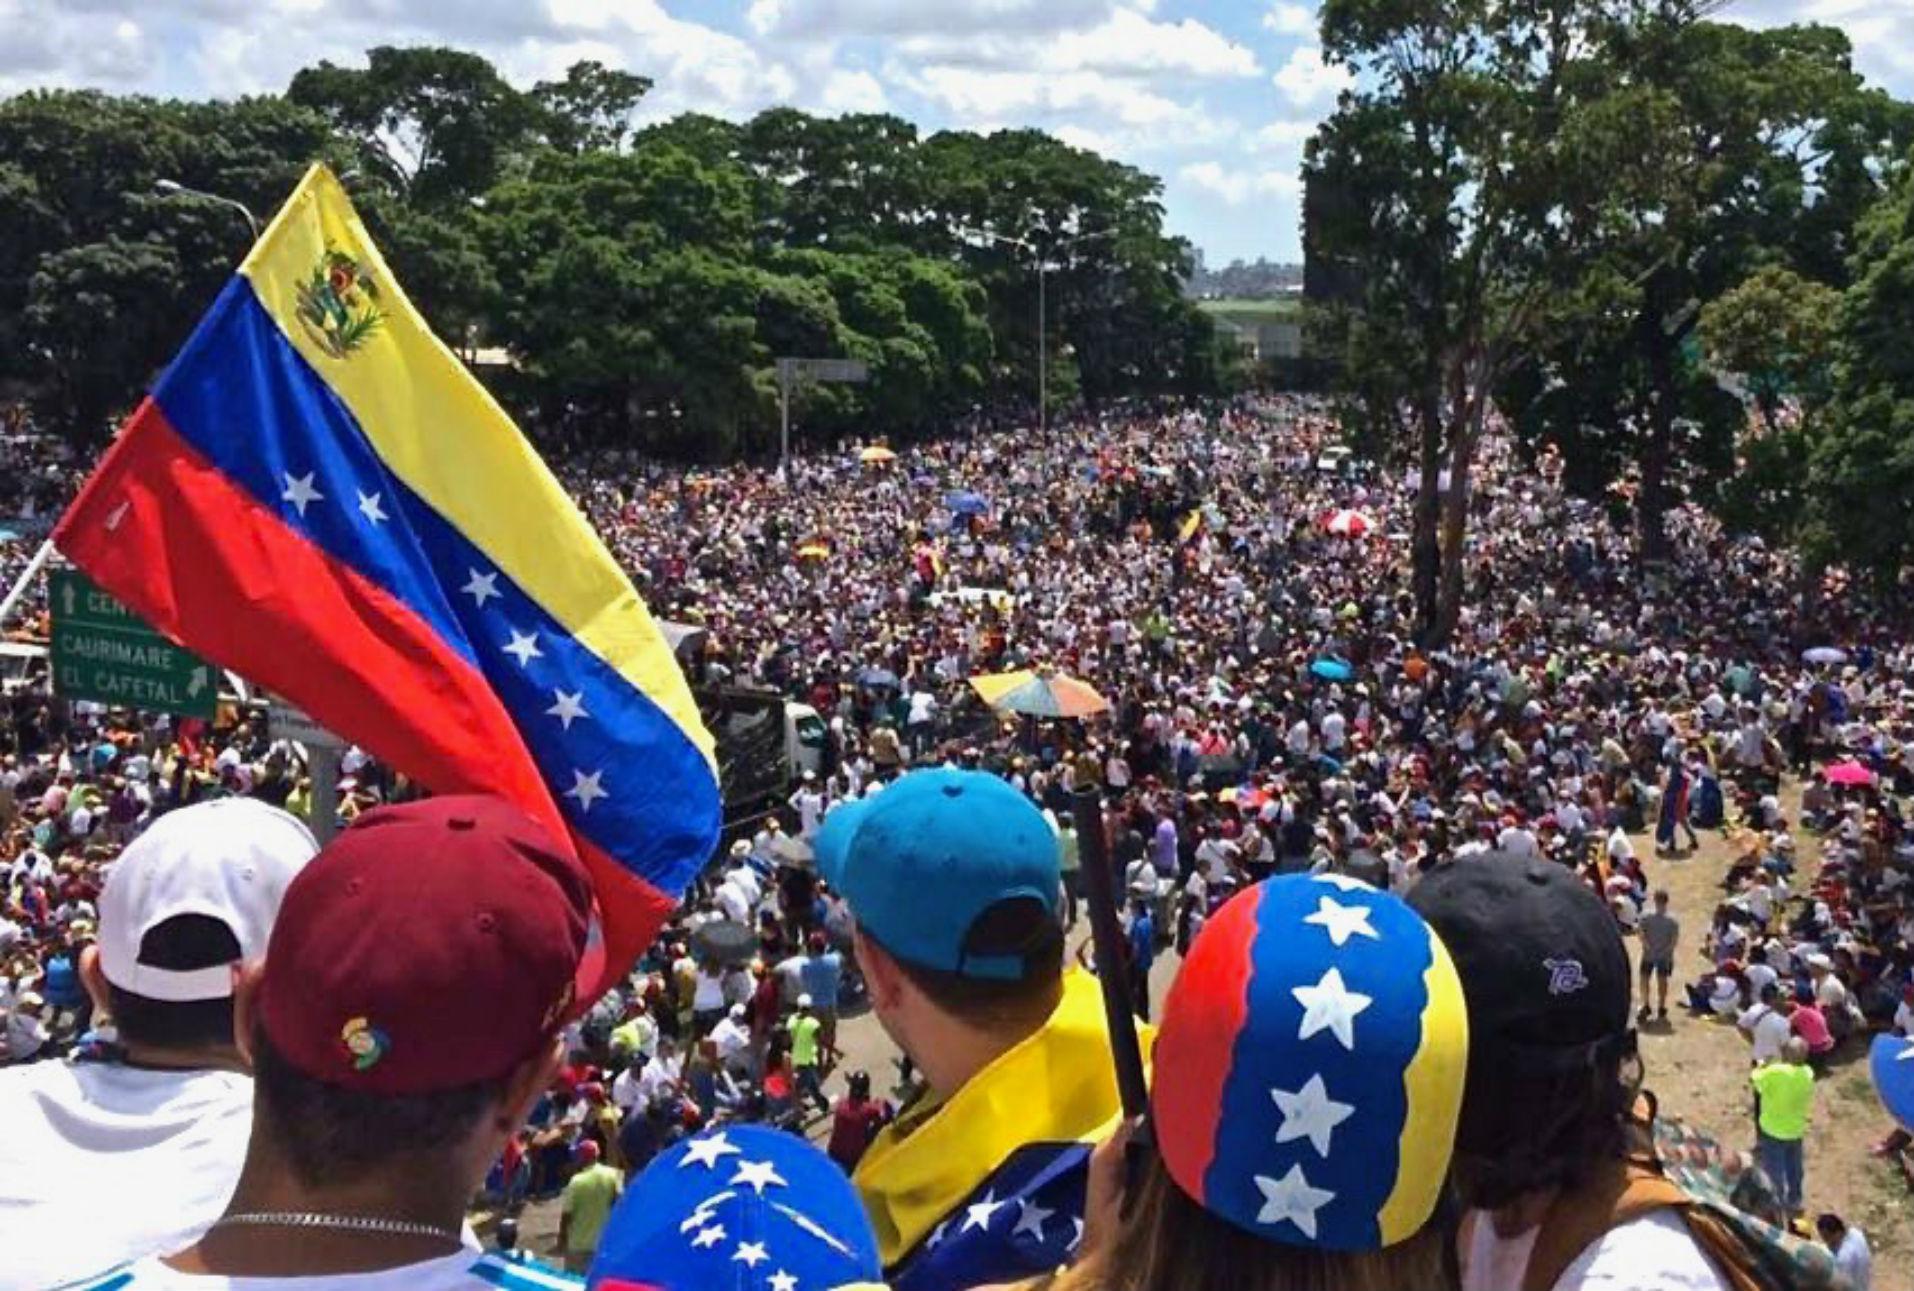 CIDH pide a gobierno de Venezuela respetar el derecho a la protesta y libertad de expresión